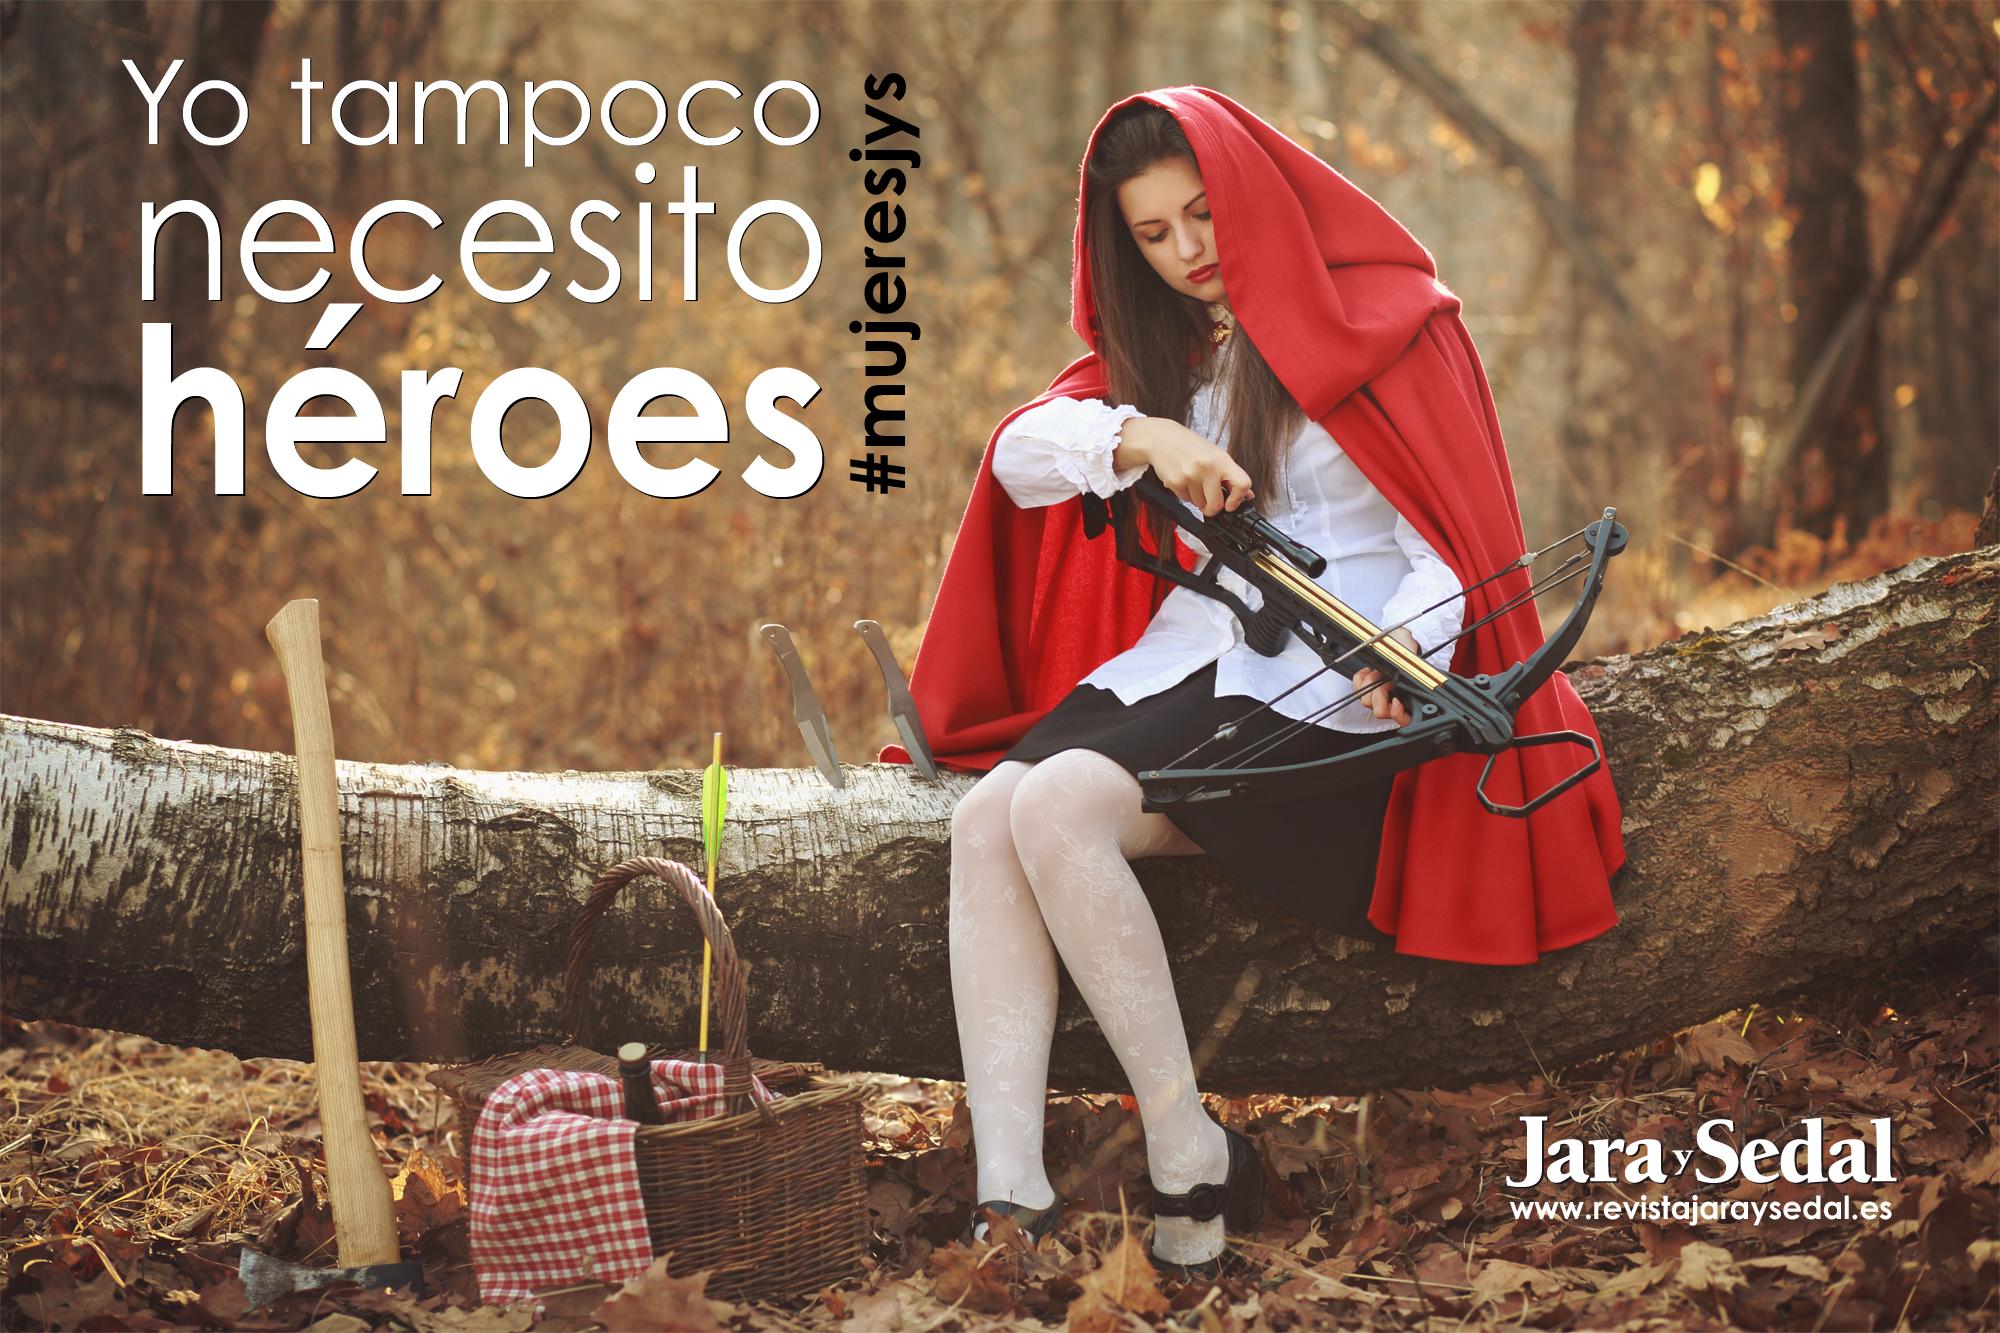 YO TAMPOCO NECESITO HEROES-WEB